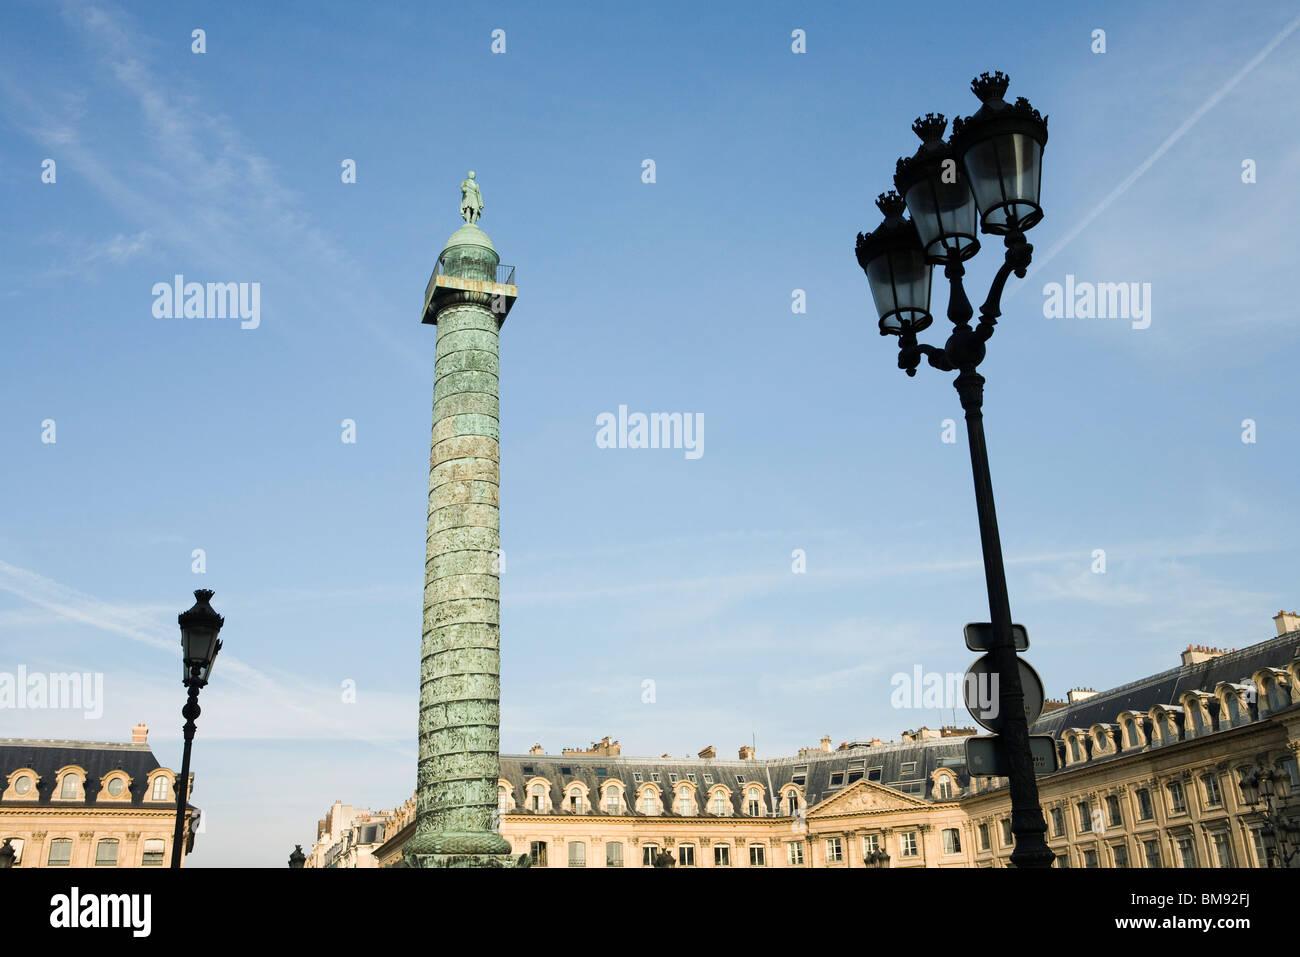 France, Paris, Place Vendome and the Colonne Vendome - Stock Image